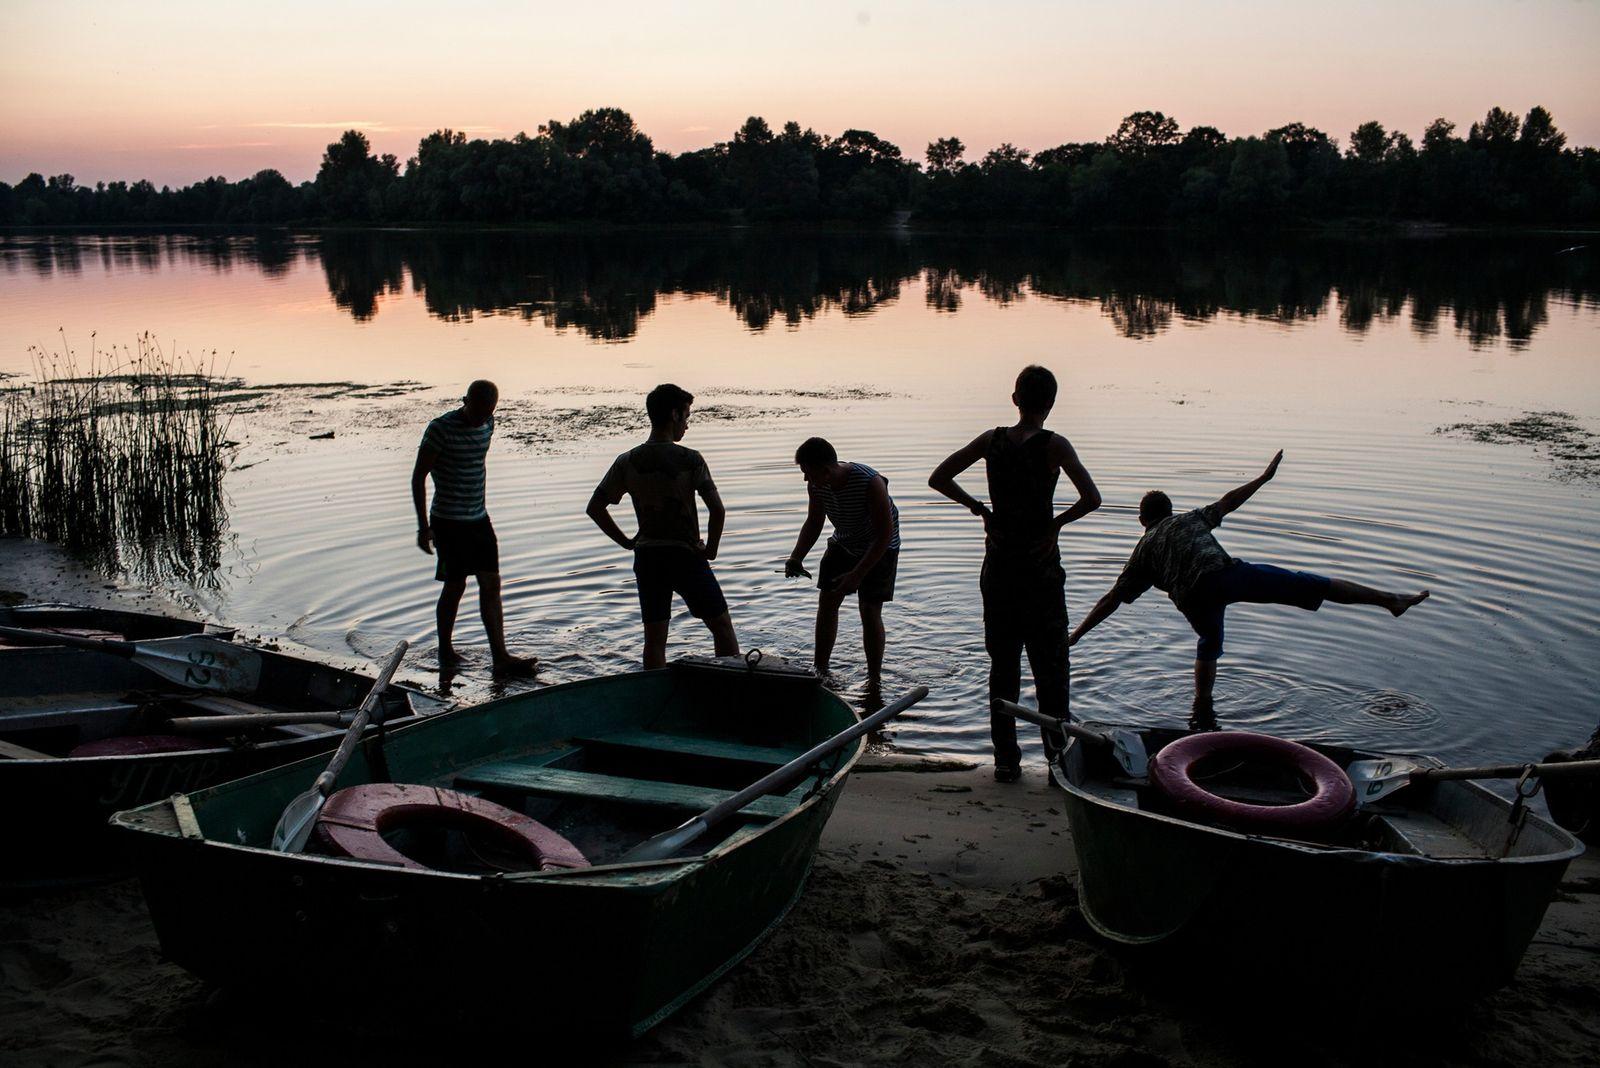 Coronavirus : Les camps de vacances, crash-test avant la rentrée scolaire